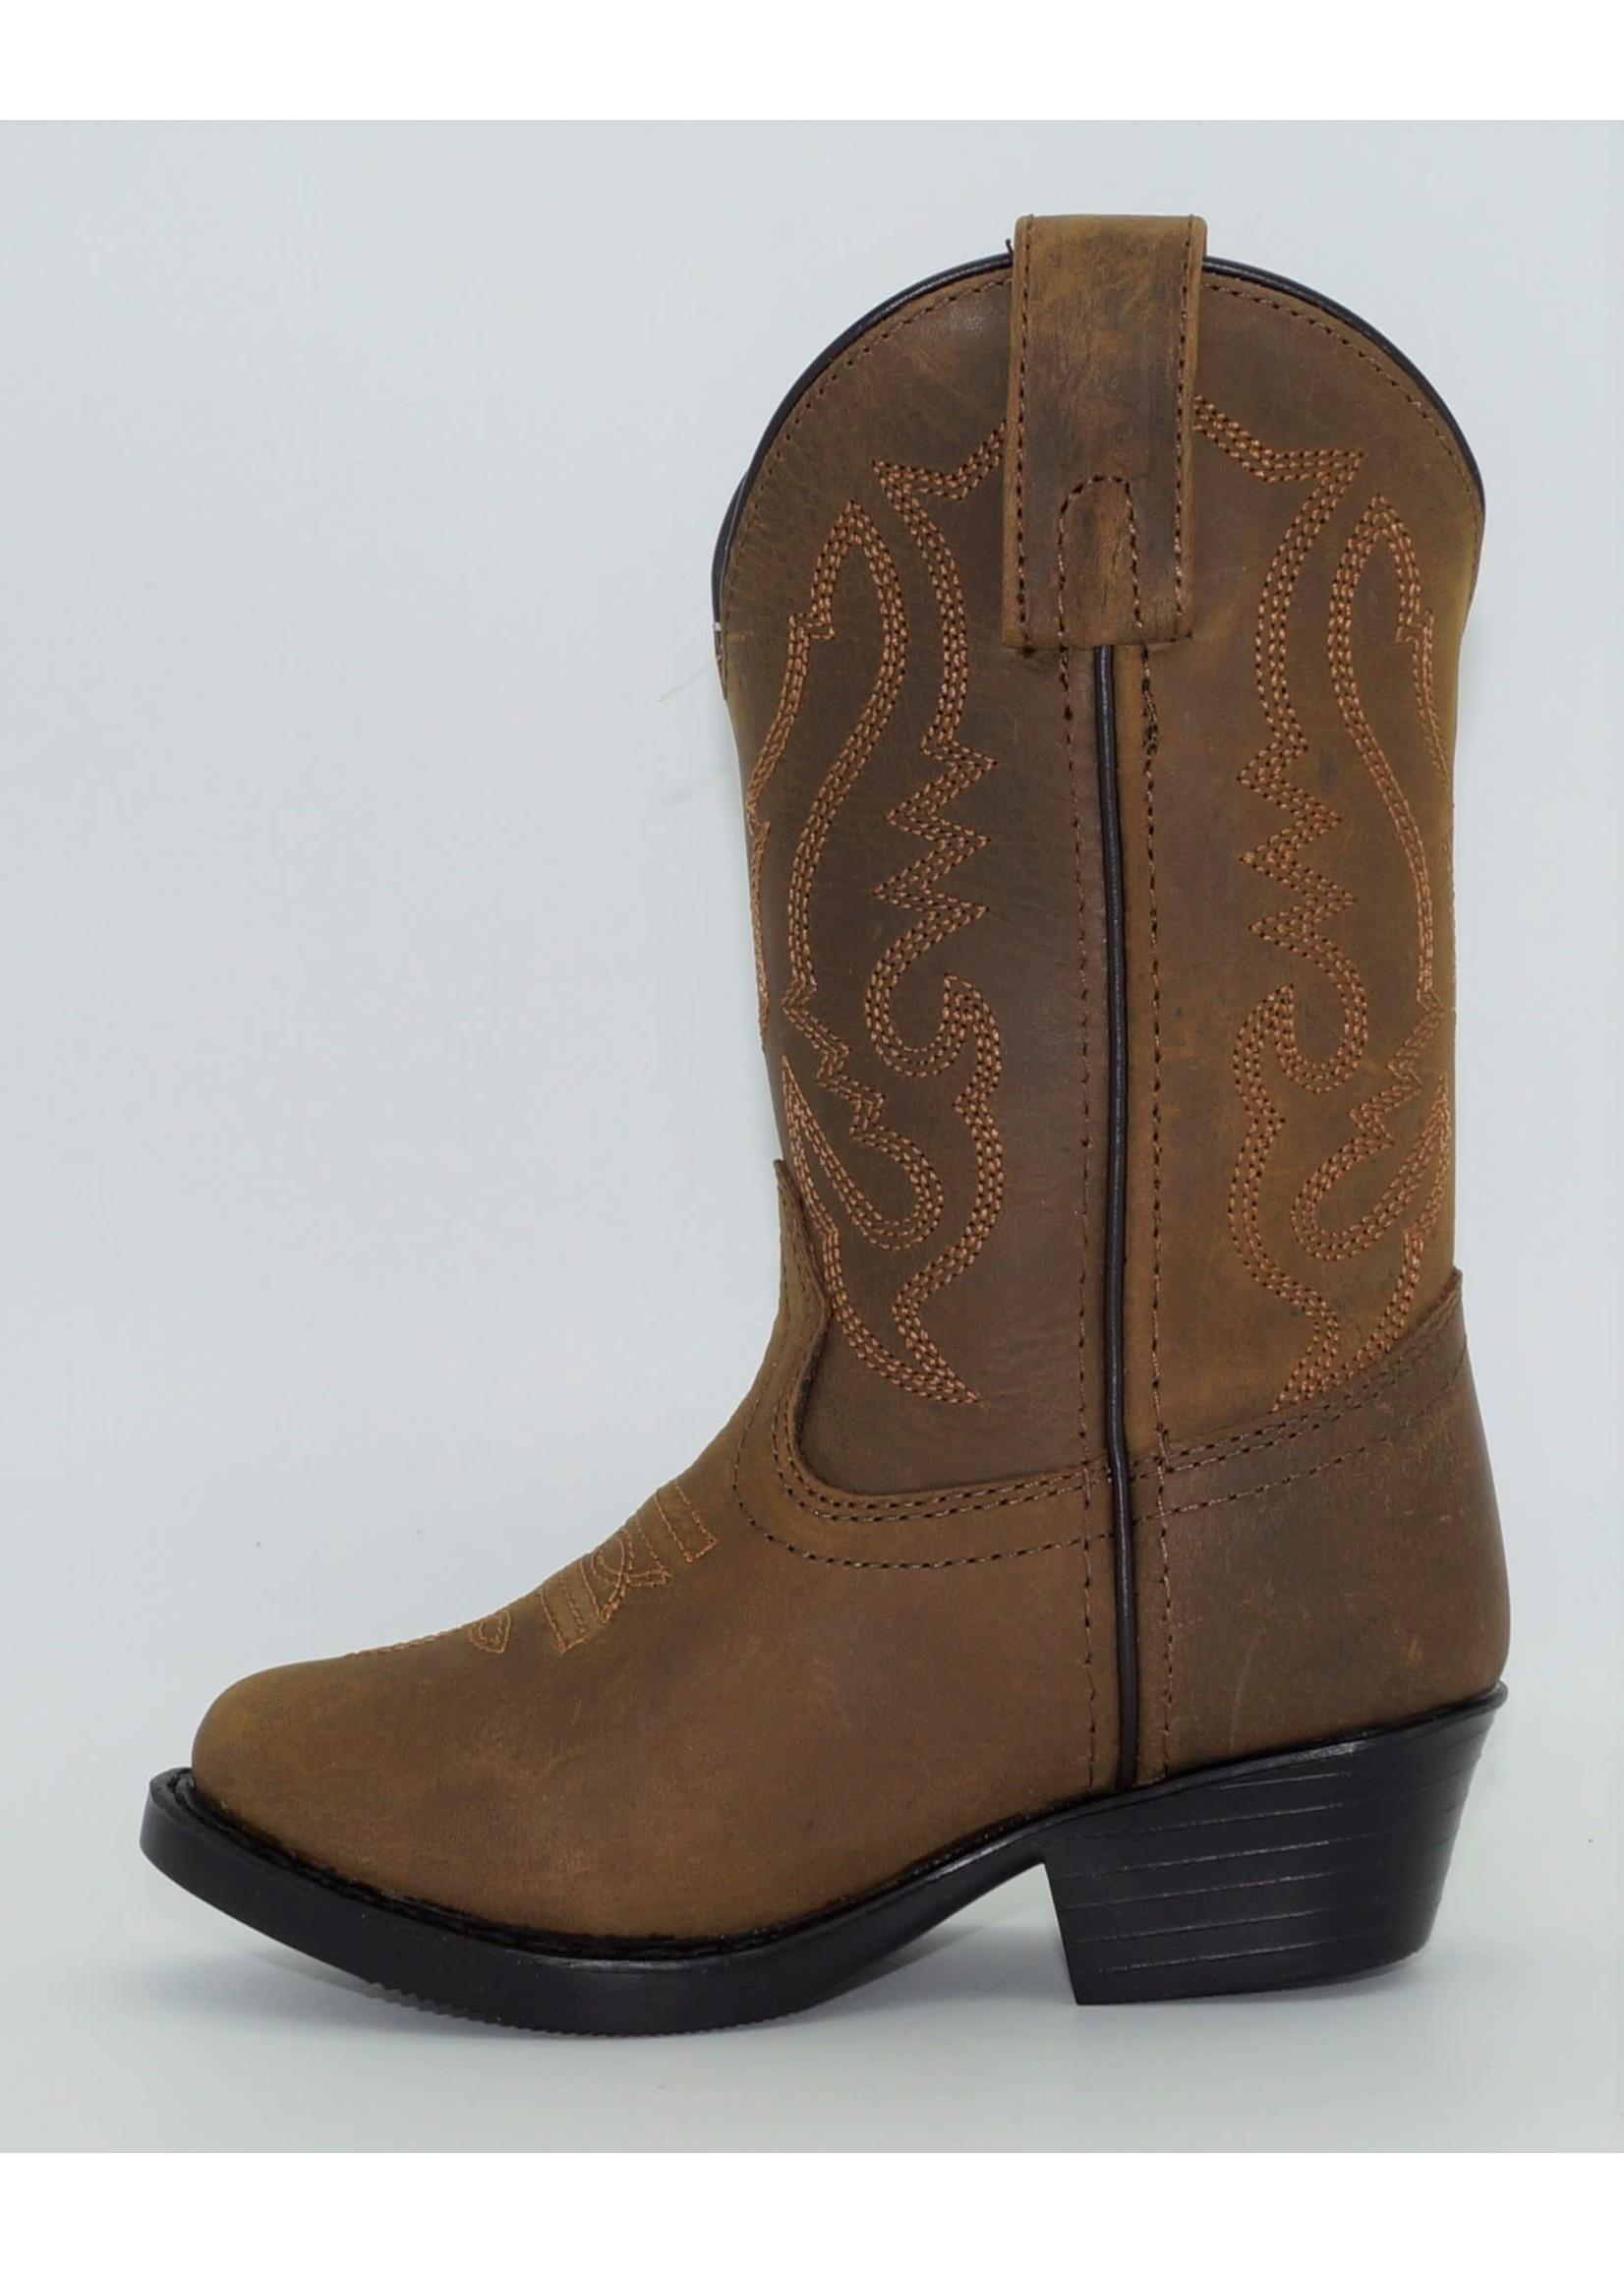 Smokey Mountain Children's Brown Western Boots 3034C-Denver